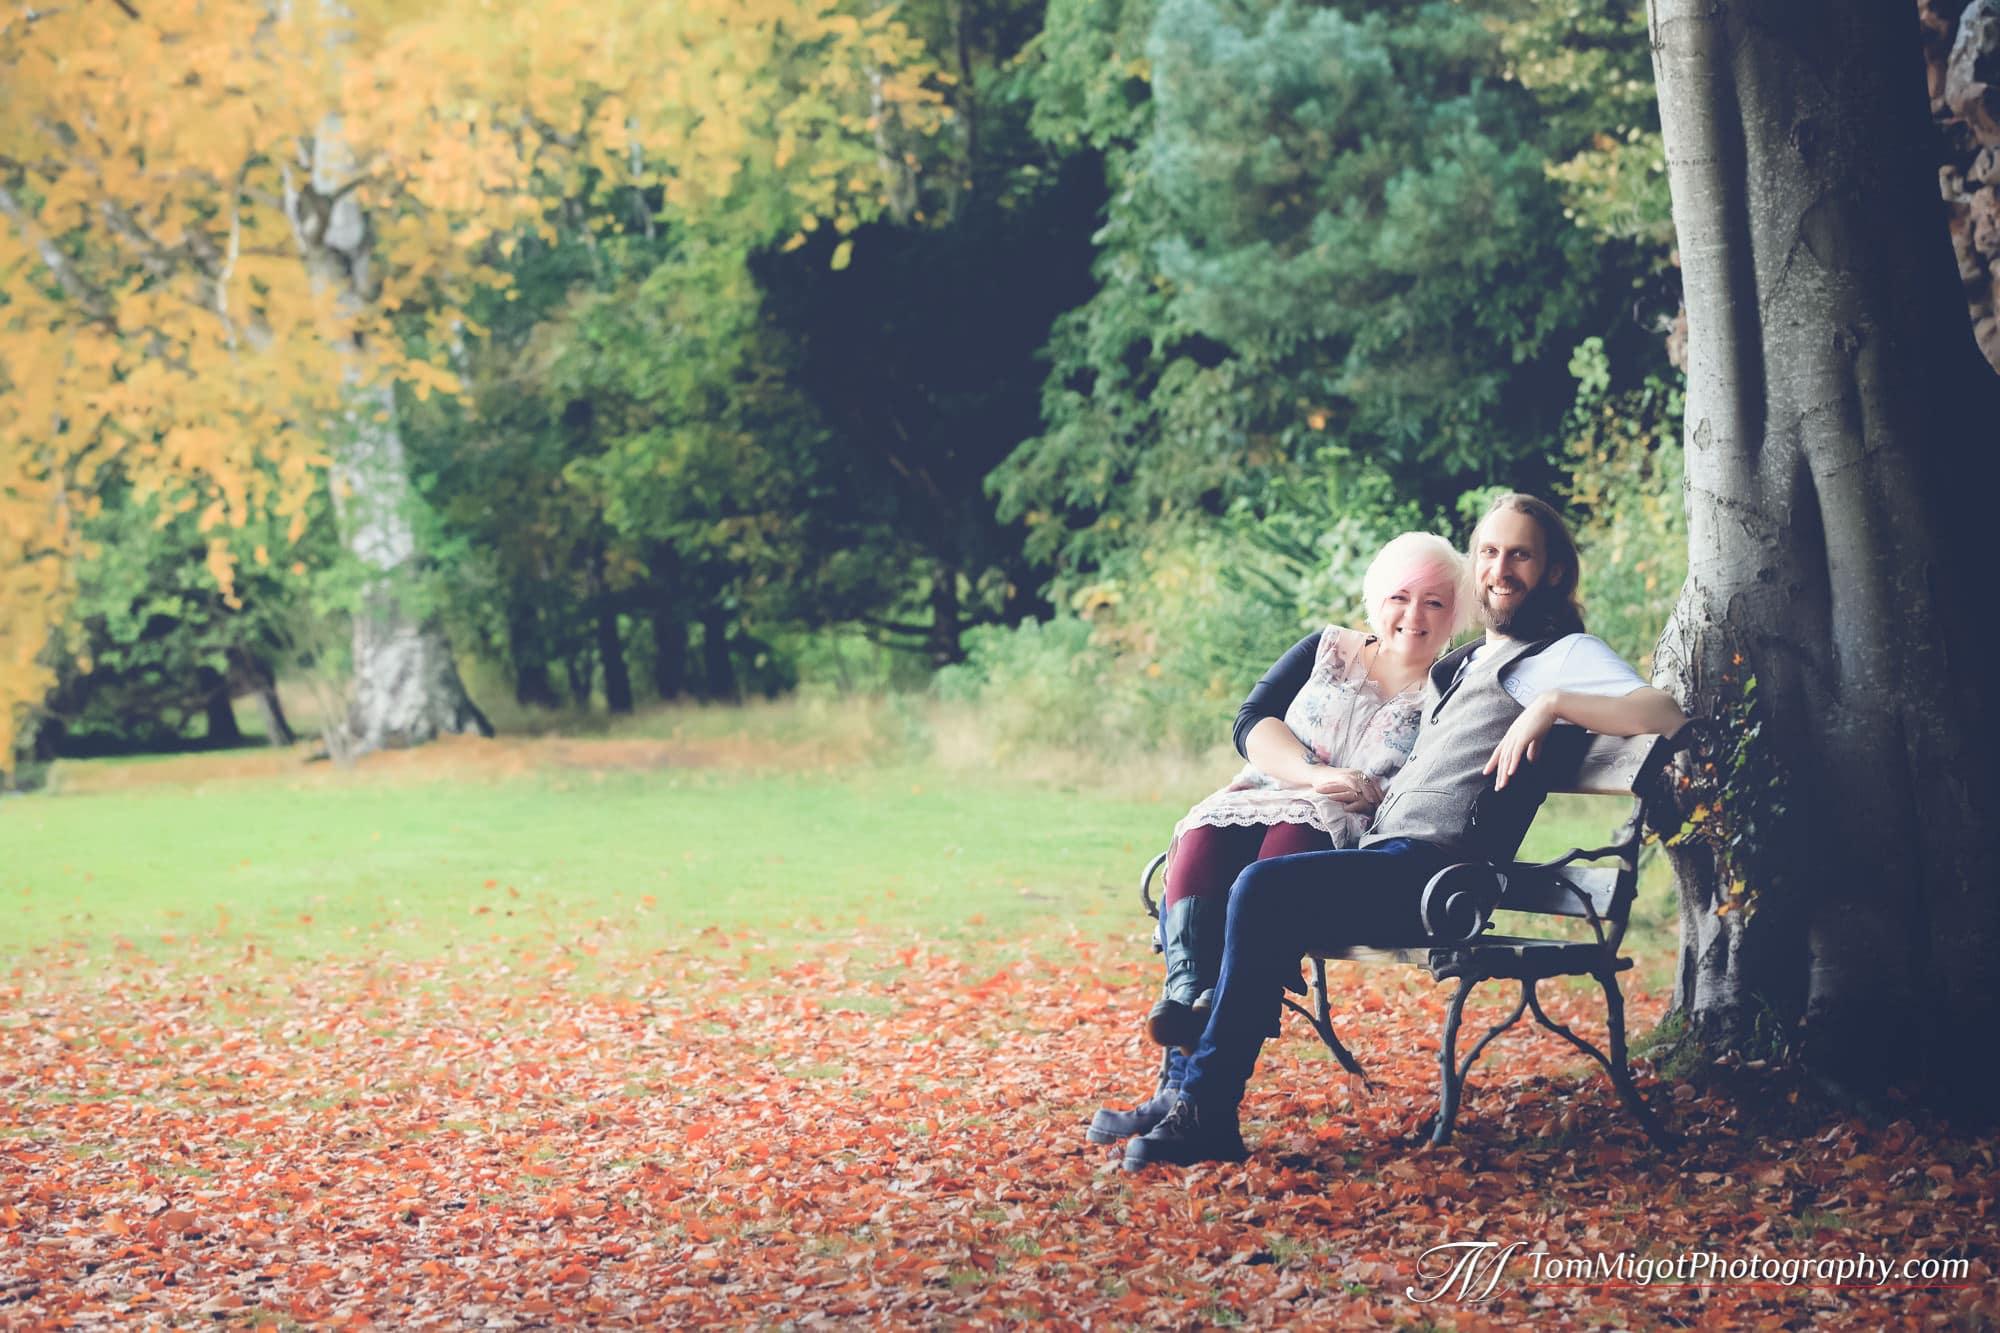 Les futurs mariés sur un bancs dans les bois pendant la séance photo d'avant mariage